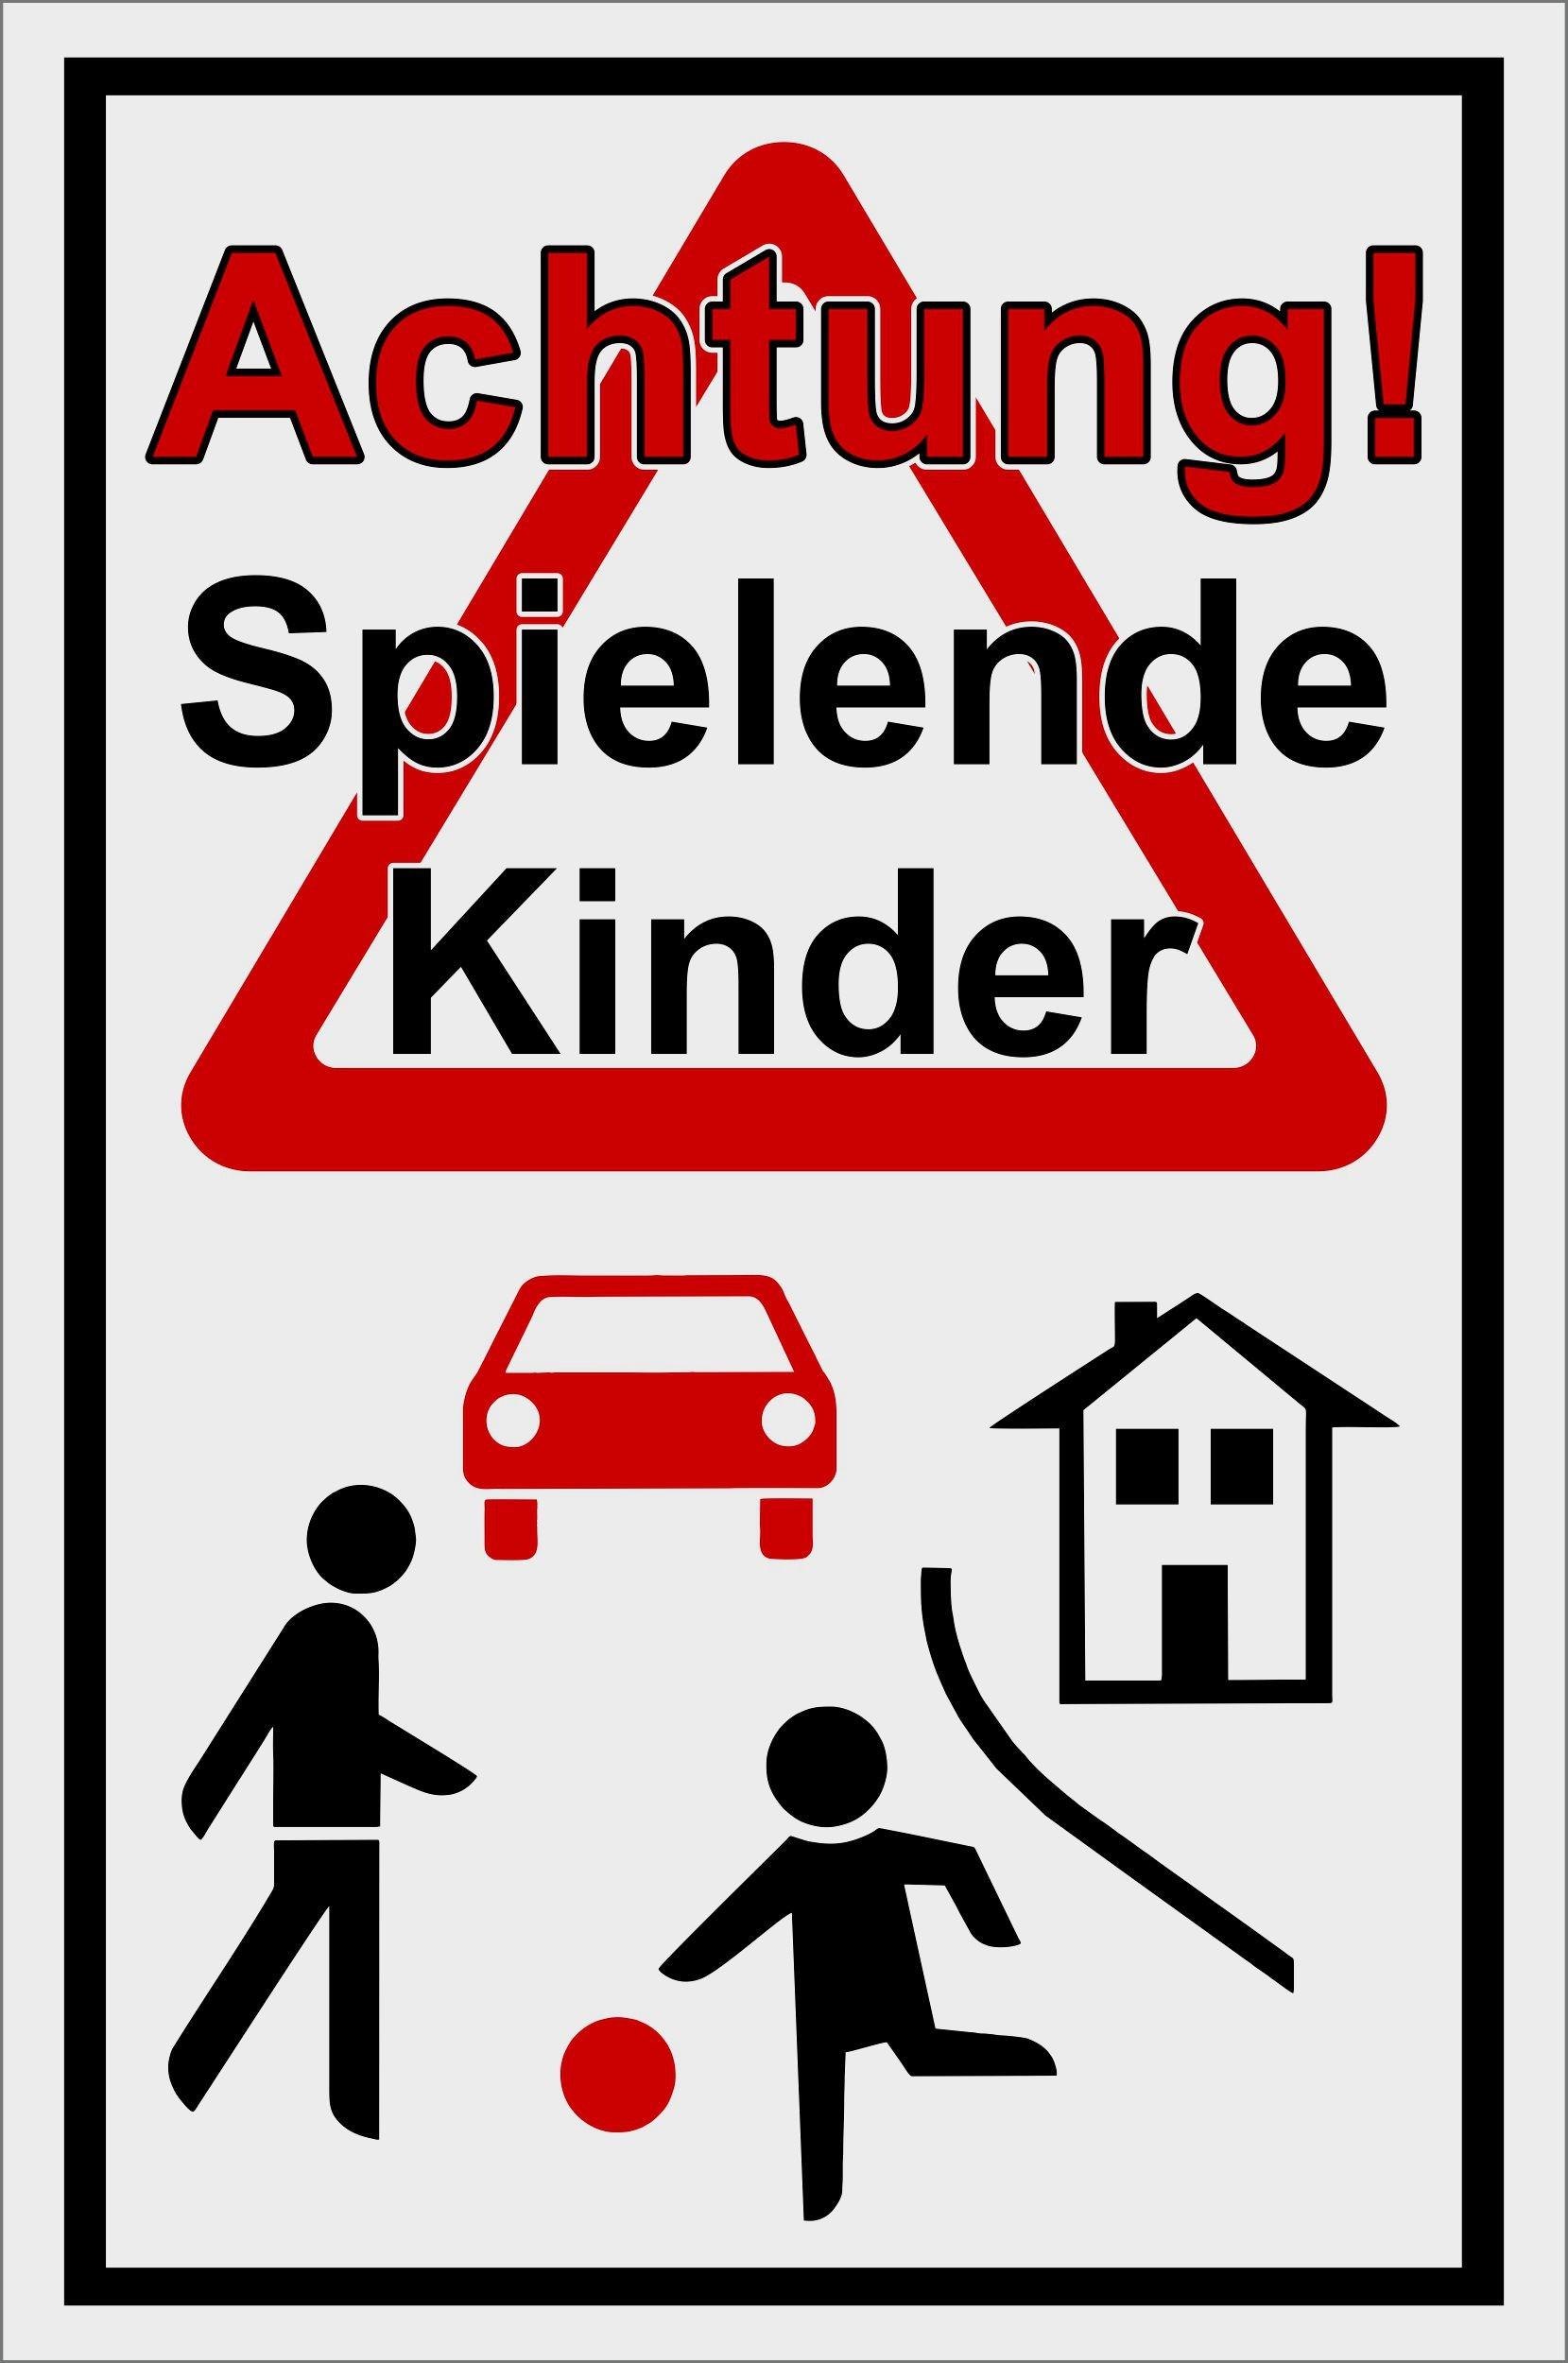 Achtung Spielende Kinder! 300 x 200 mm Warn- Hinweis- und Verbotsschild PST-Kunststoff 001